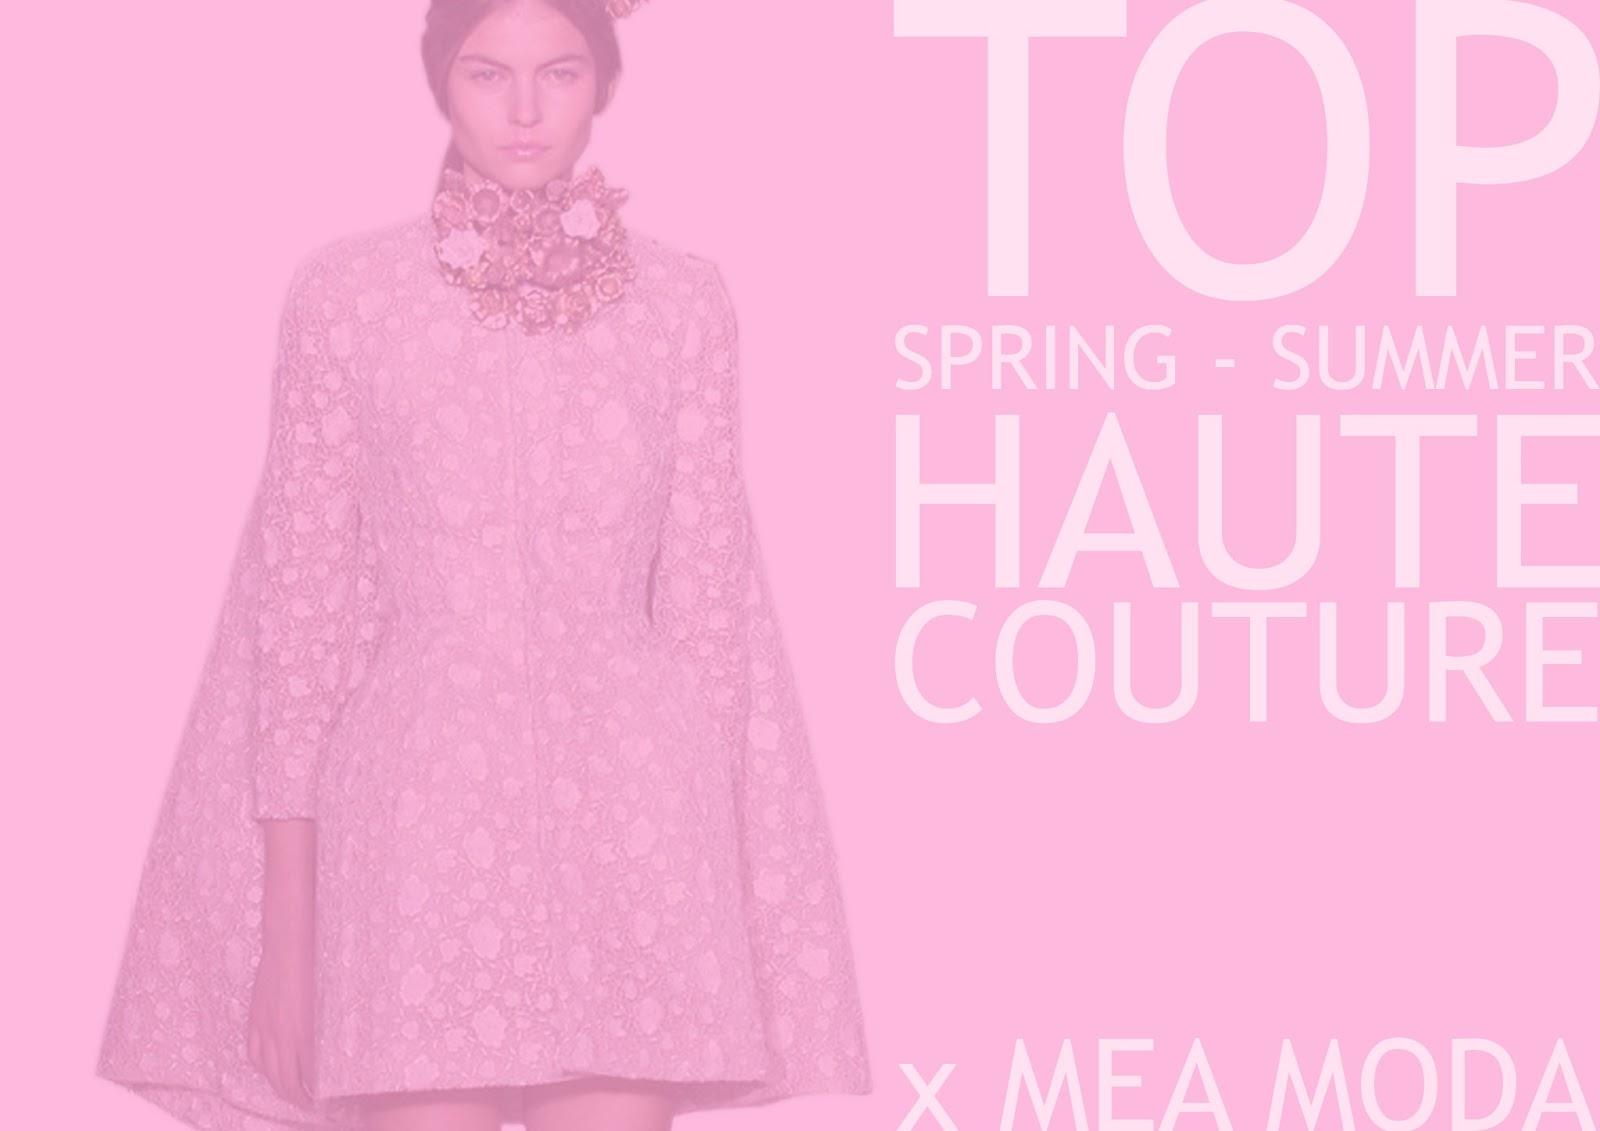 Mea moda seleccionados x mea moda top 3 haute couture 2013 for Haute couture tops